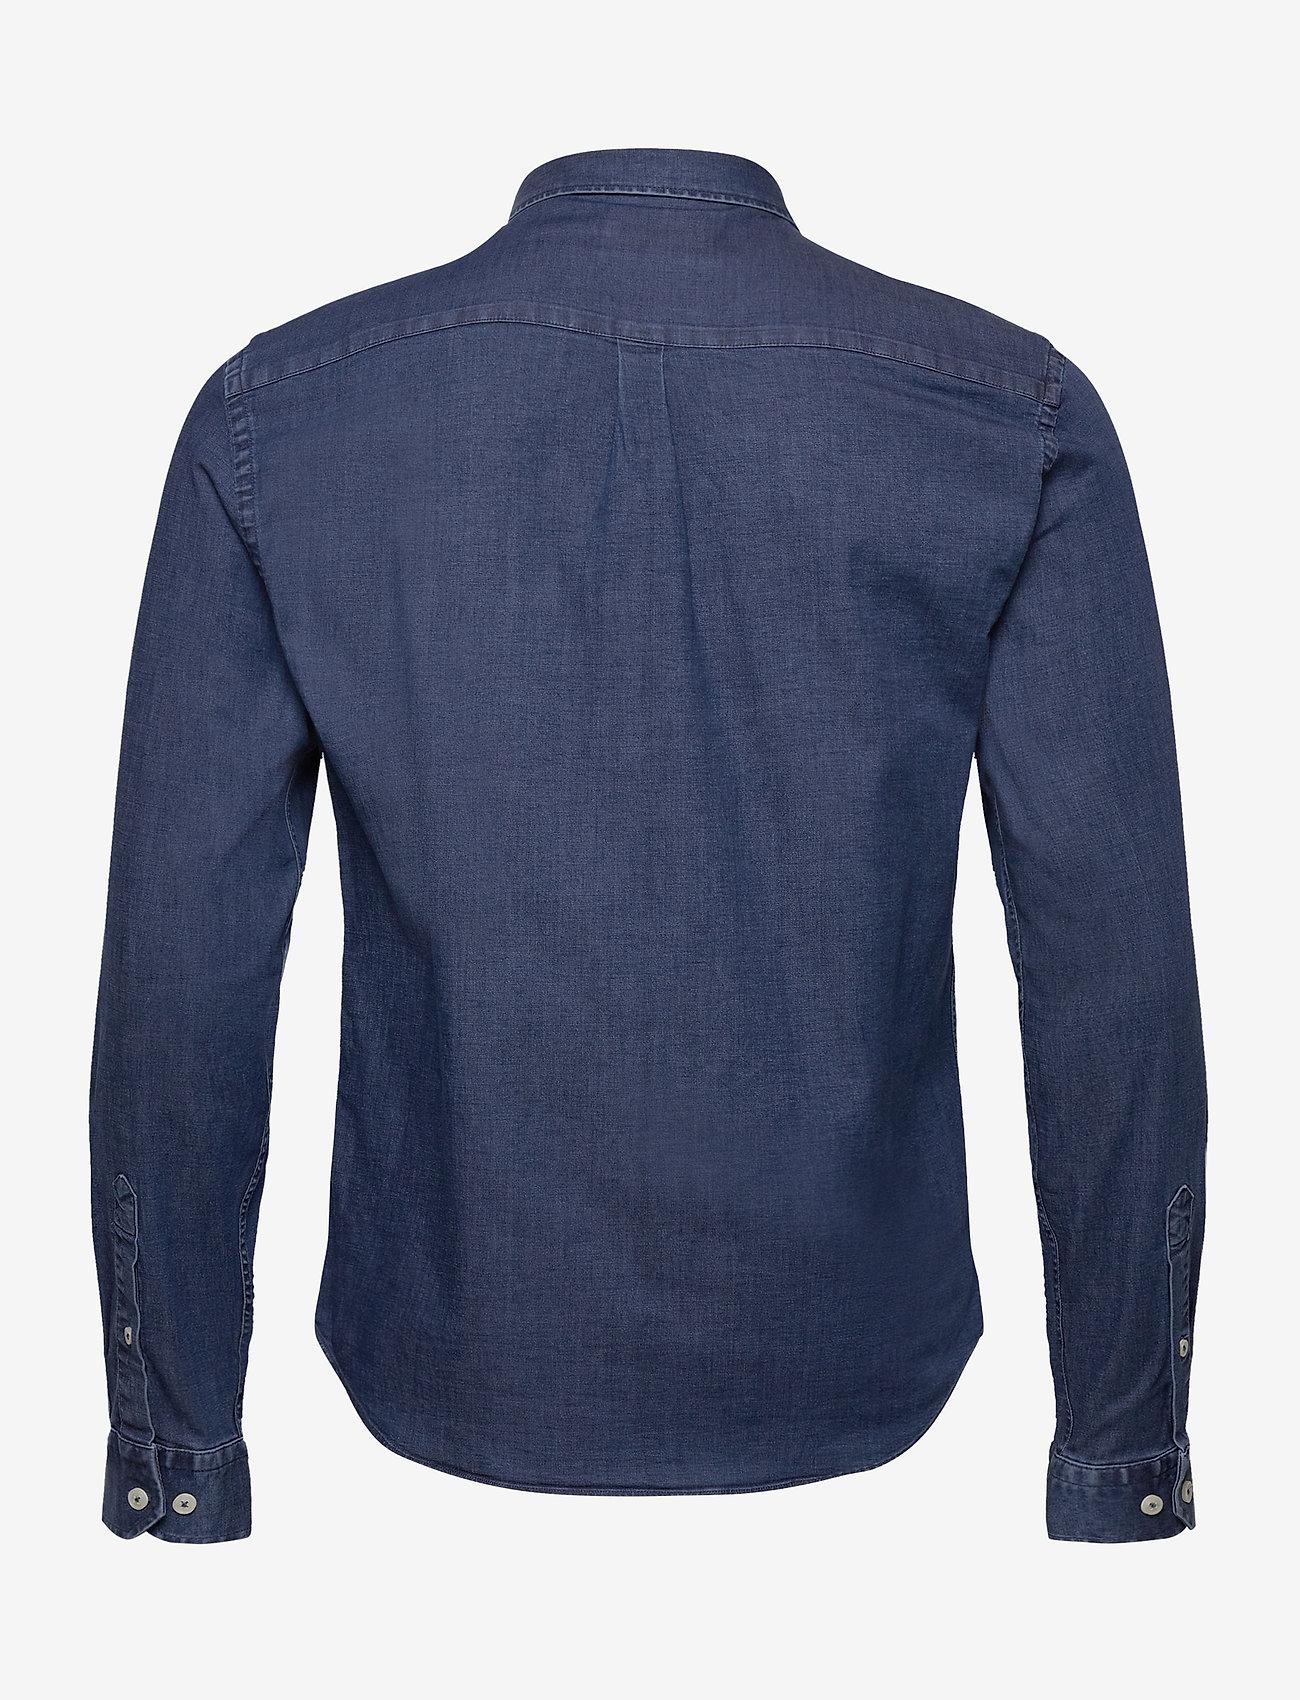 Les Deux Harper Chambray Shirt - Skjorter DARK NAVY - Menn Klær